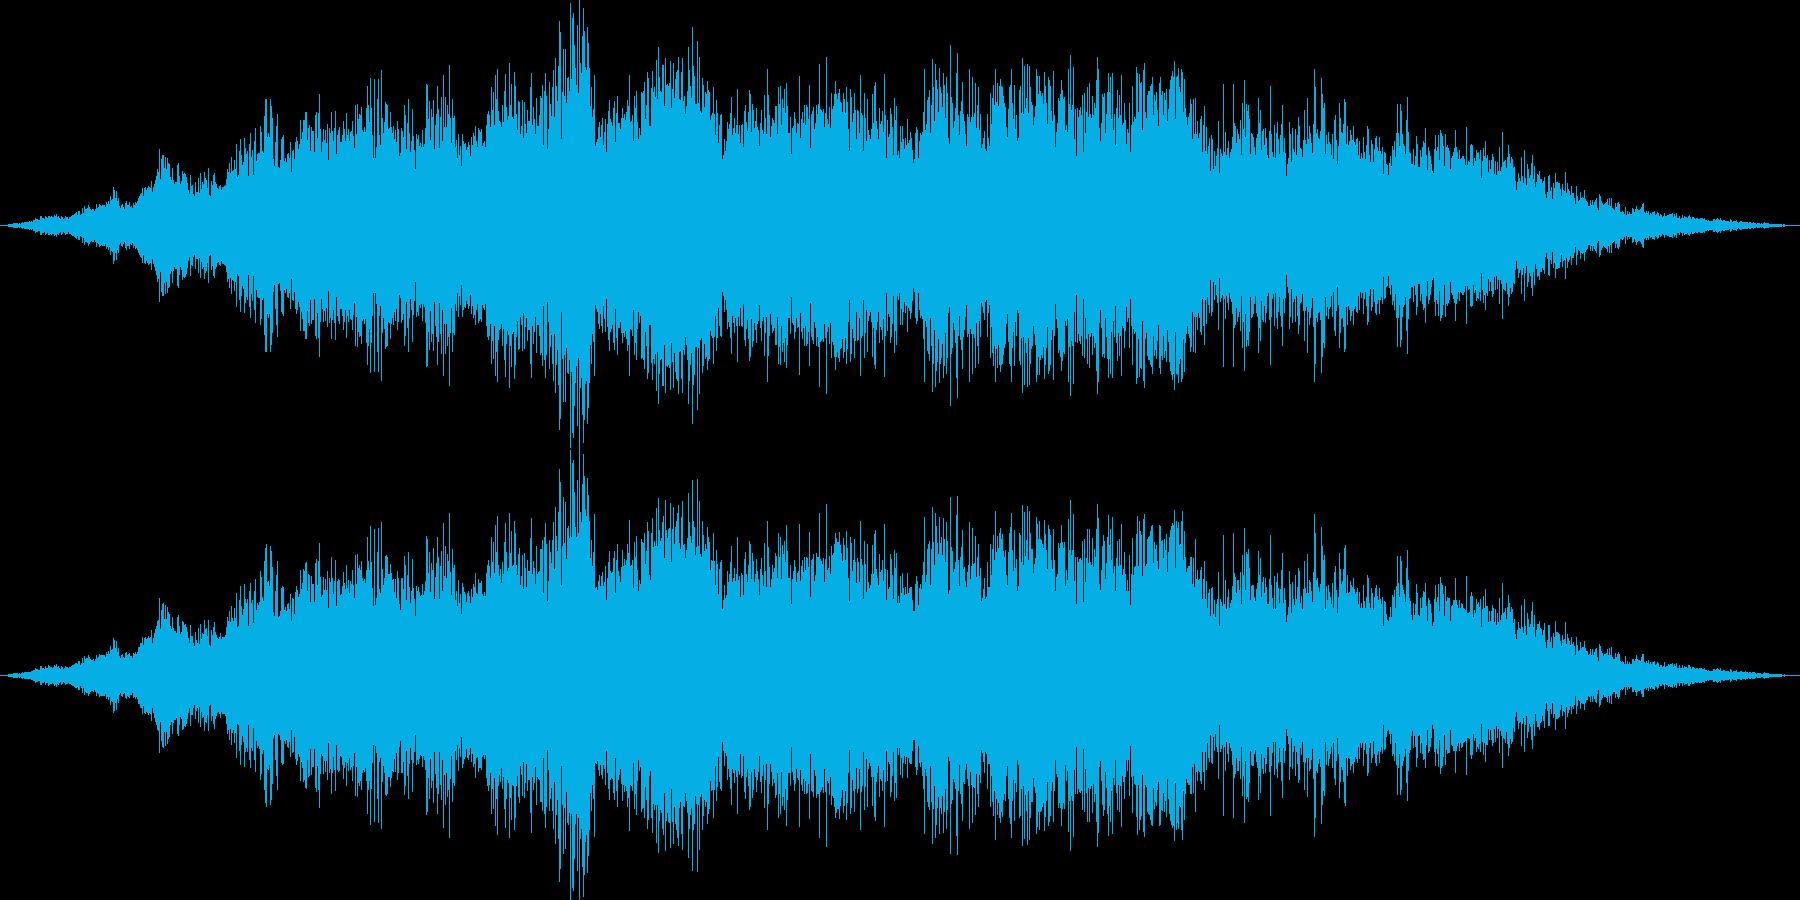 コンサート会場。弦楽器のチューニング風…の再生済みの波形